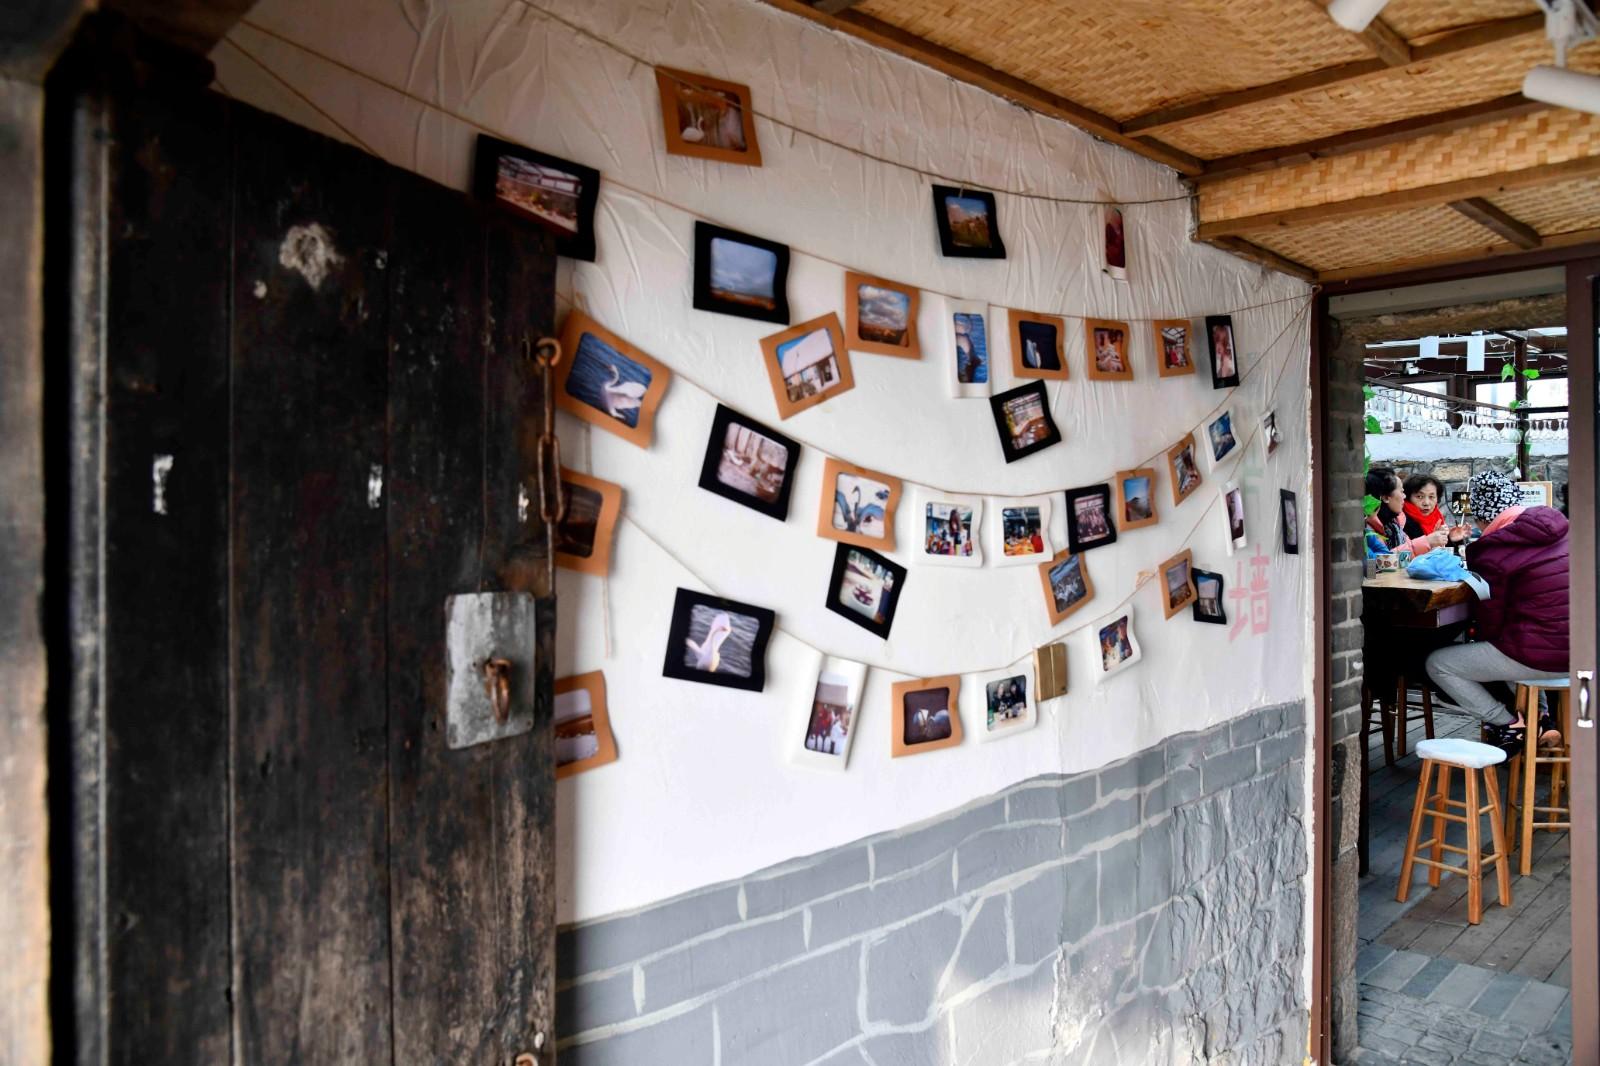 在荣成大天鹅国家级自然保护区,游客在大天鹅主题咖啡馆内(1月12日摄)。新华社记者 郭绪雷 摄